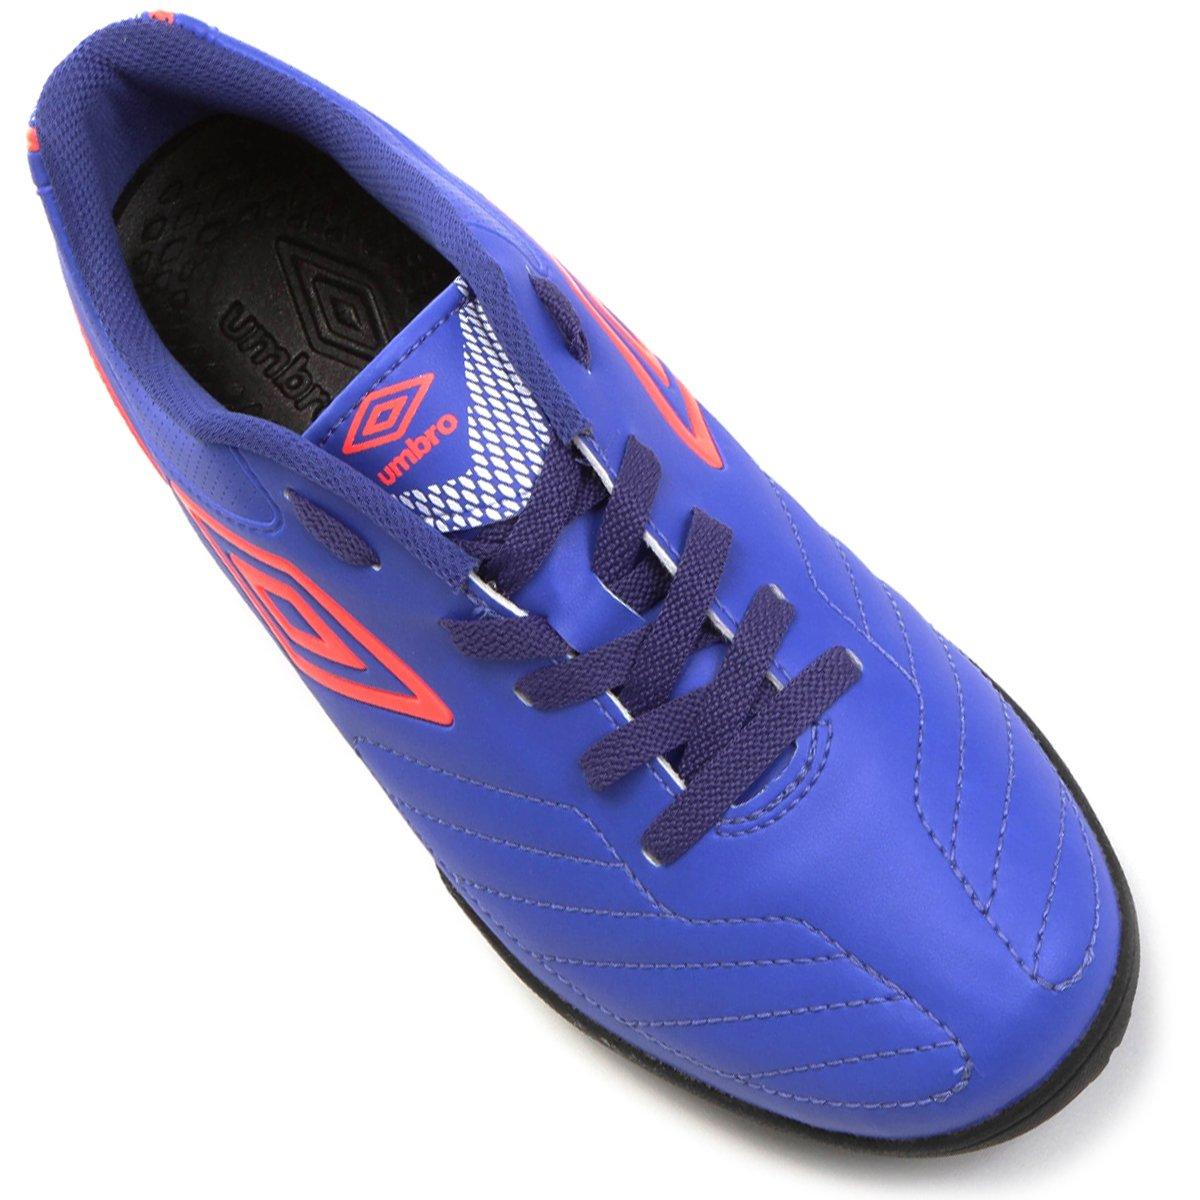 Chuteira Society Umbro Attak 2 - Azul e Branco - Compre Agora  08c83971aa493